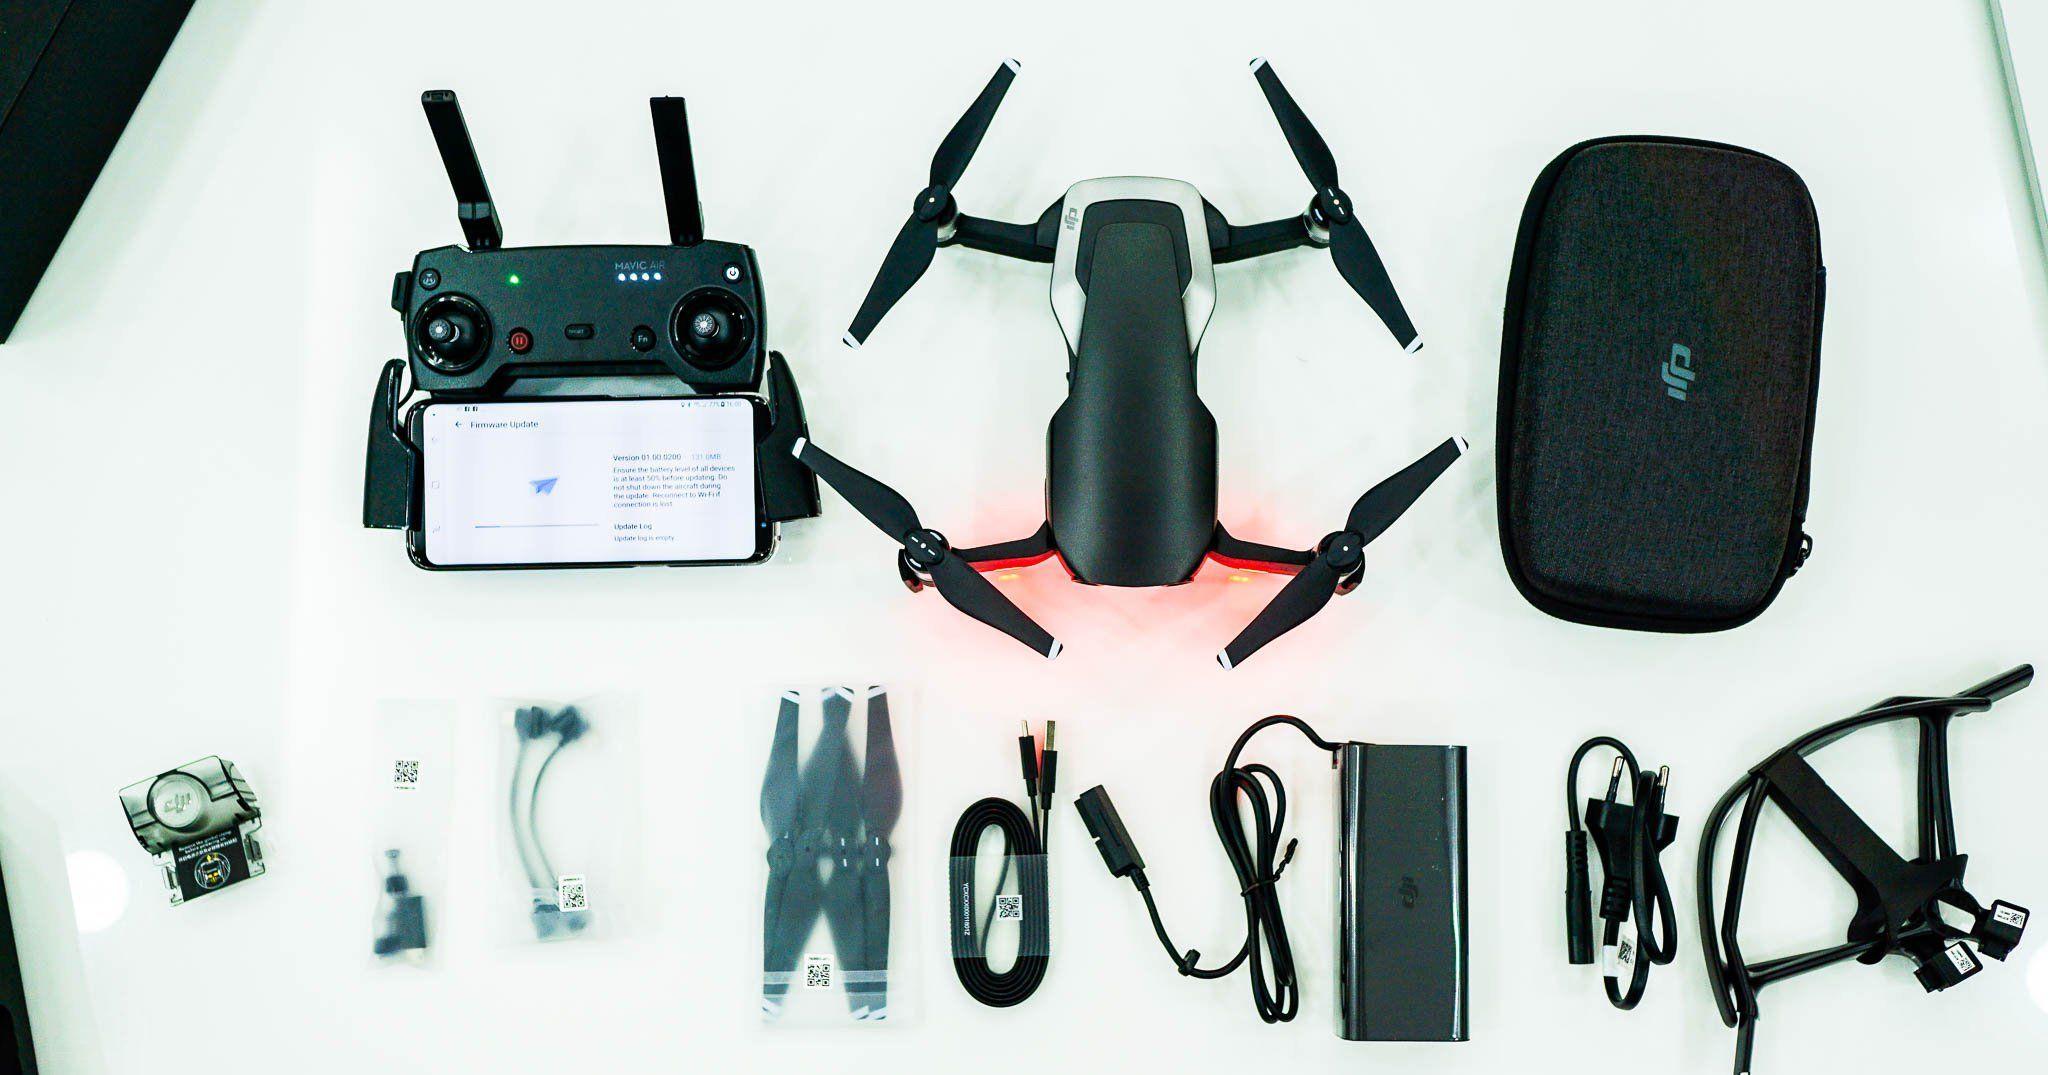 Hãy nhớ kiểm tra những phụ kiện kèm theo flycam